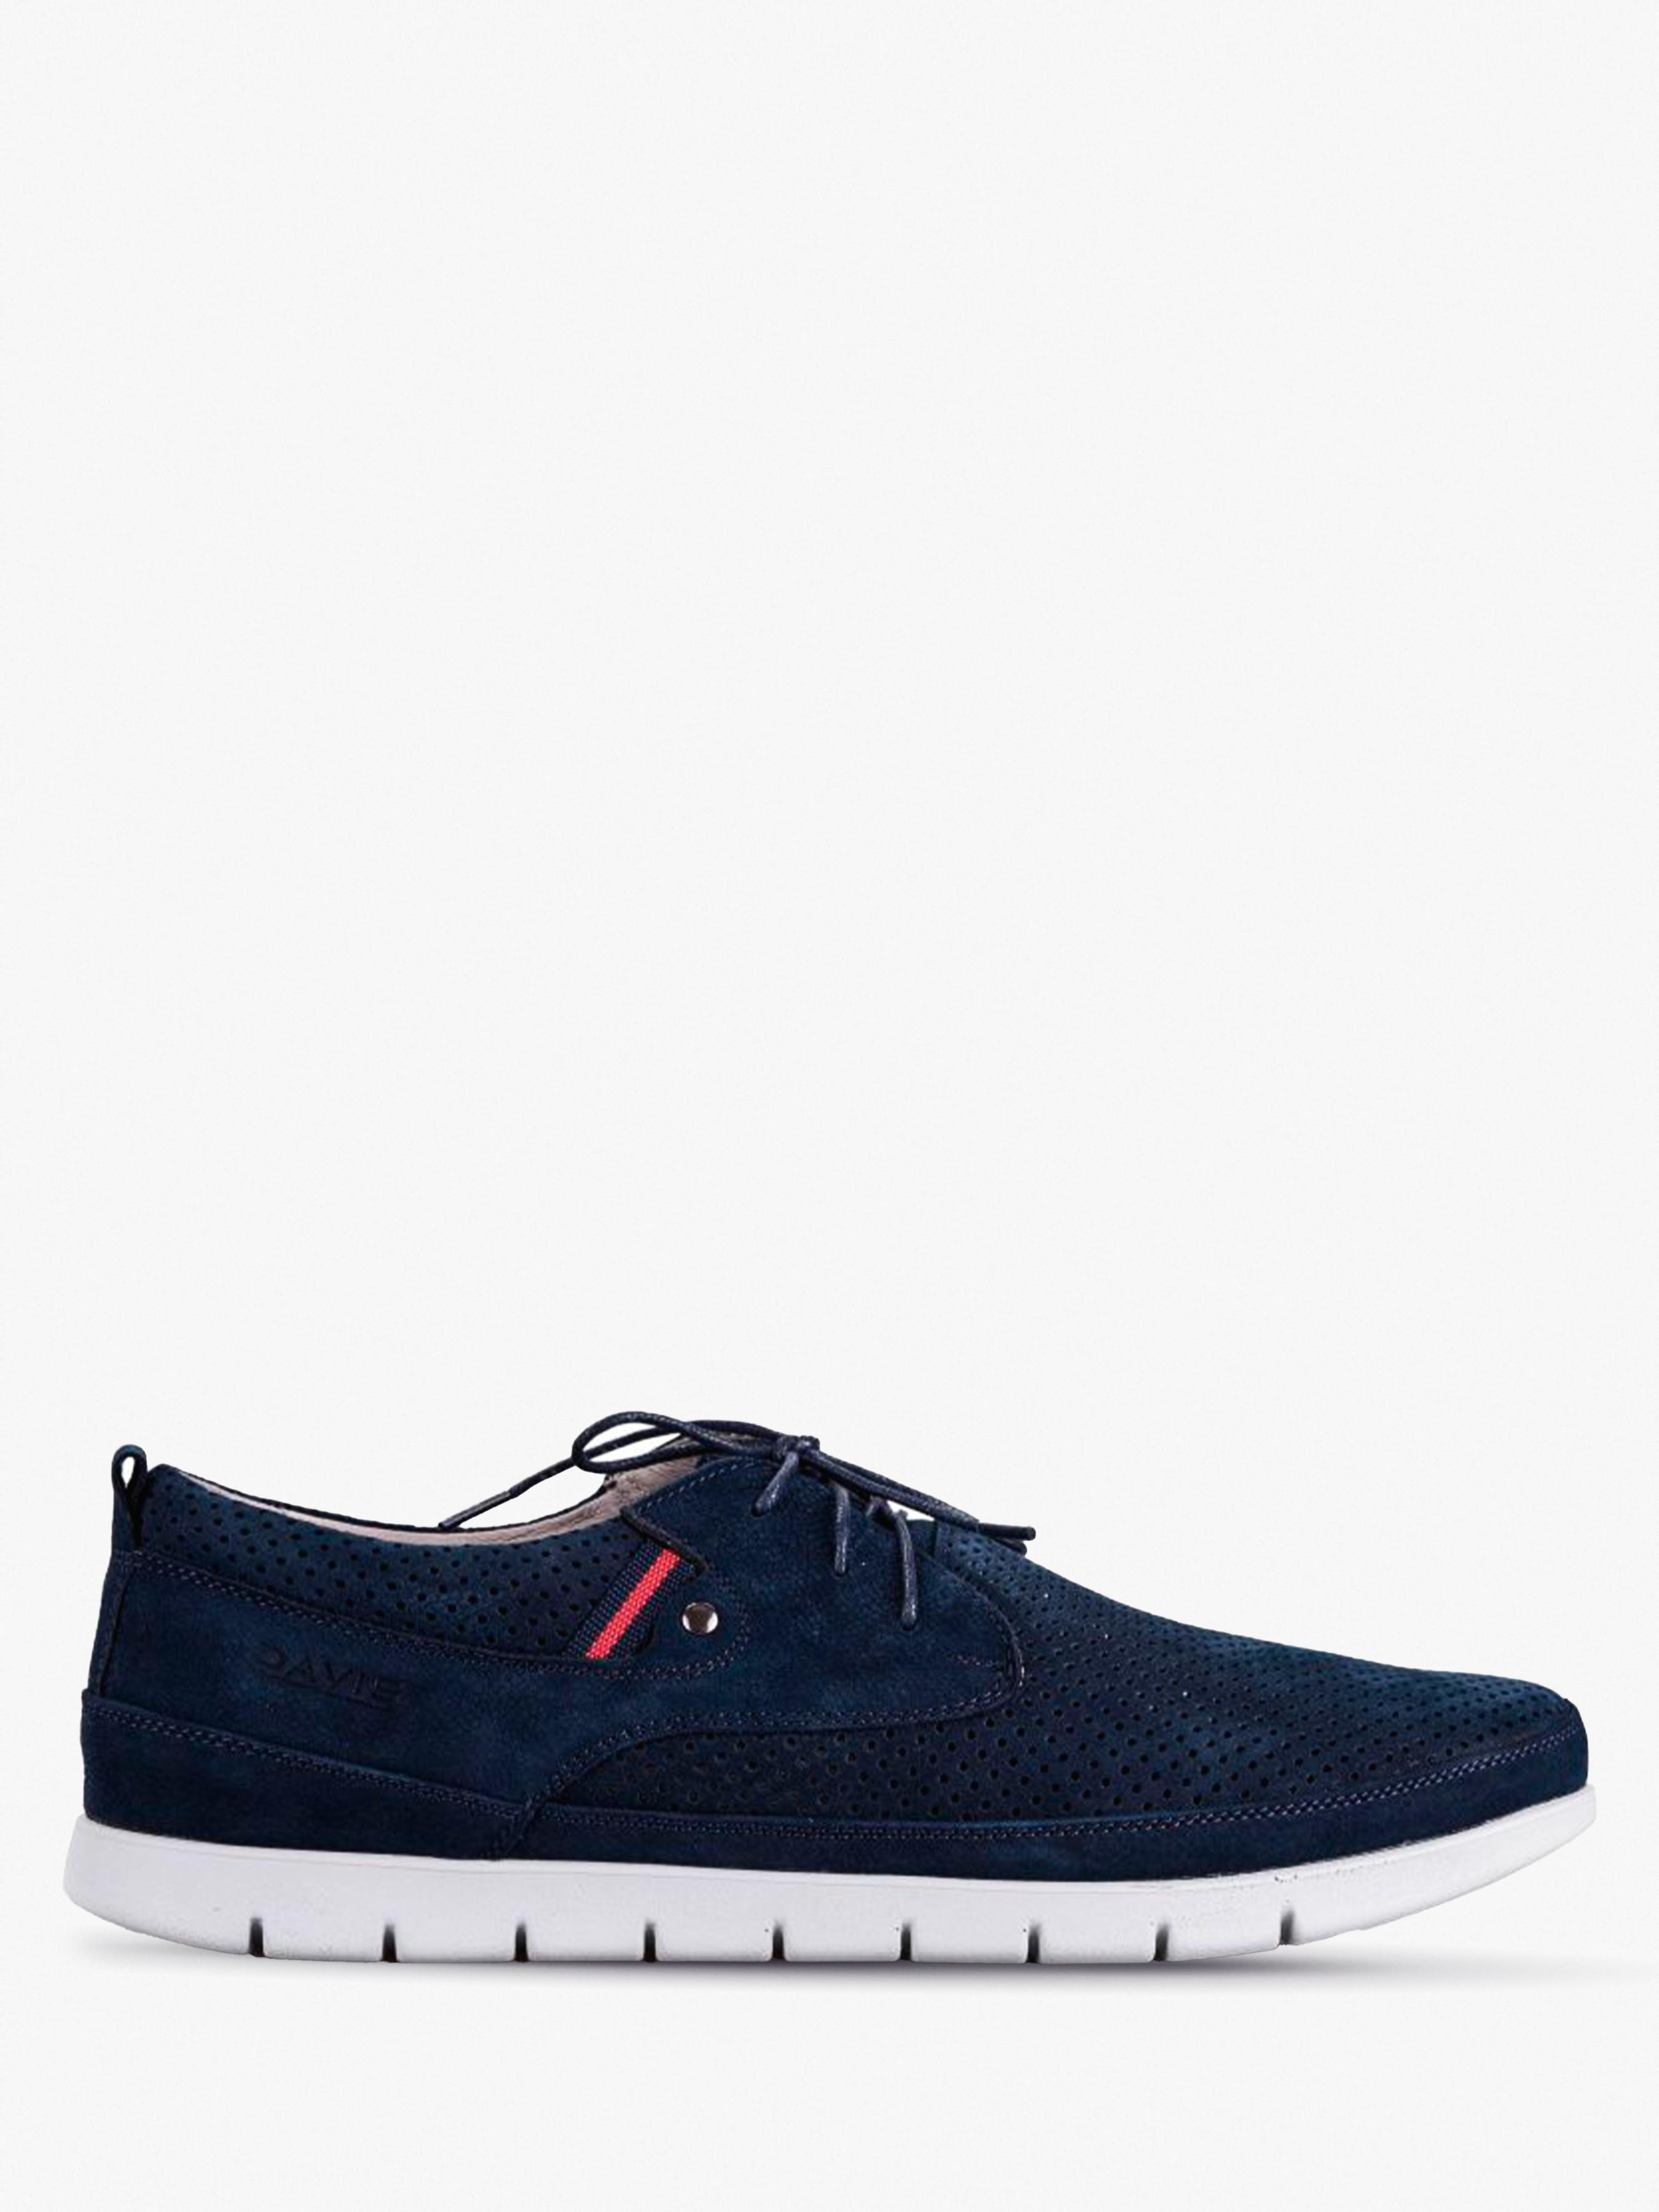 Полуботинки для мужчин Davis dynamic shoes 9O57 смотреть, 2017